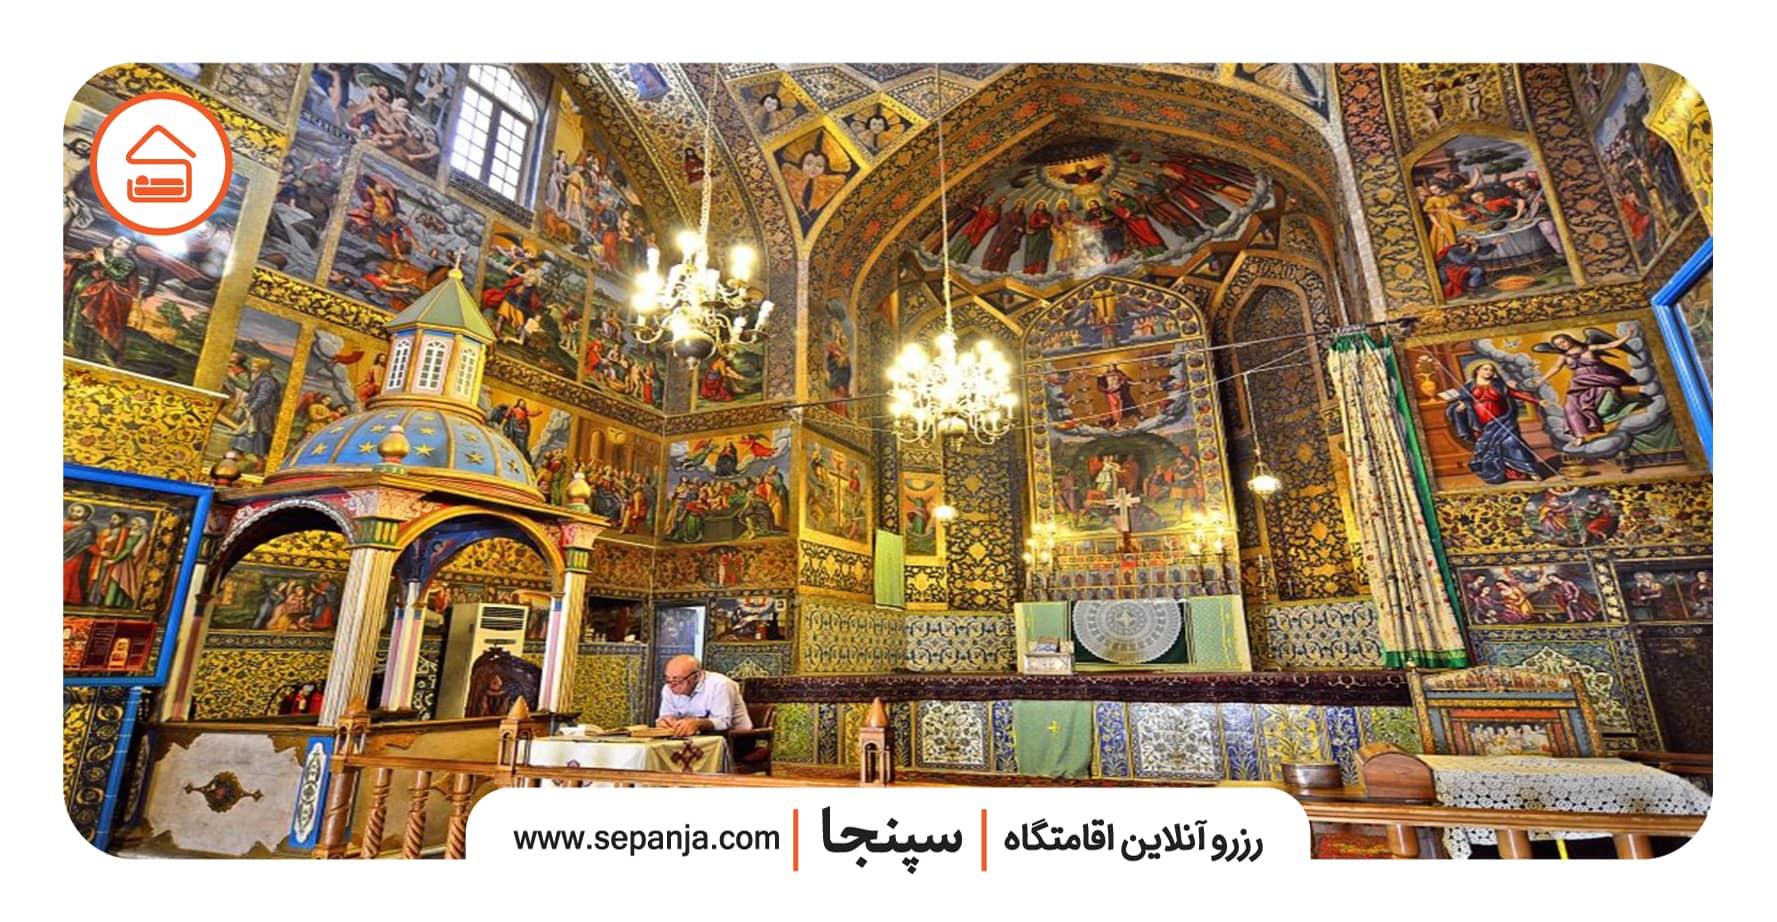 نمایی از جاهای دیدنی کلیسای وانک اصفهان